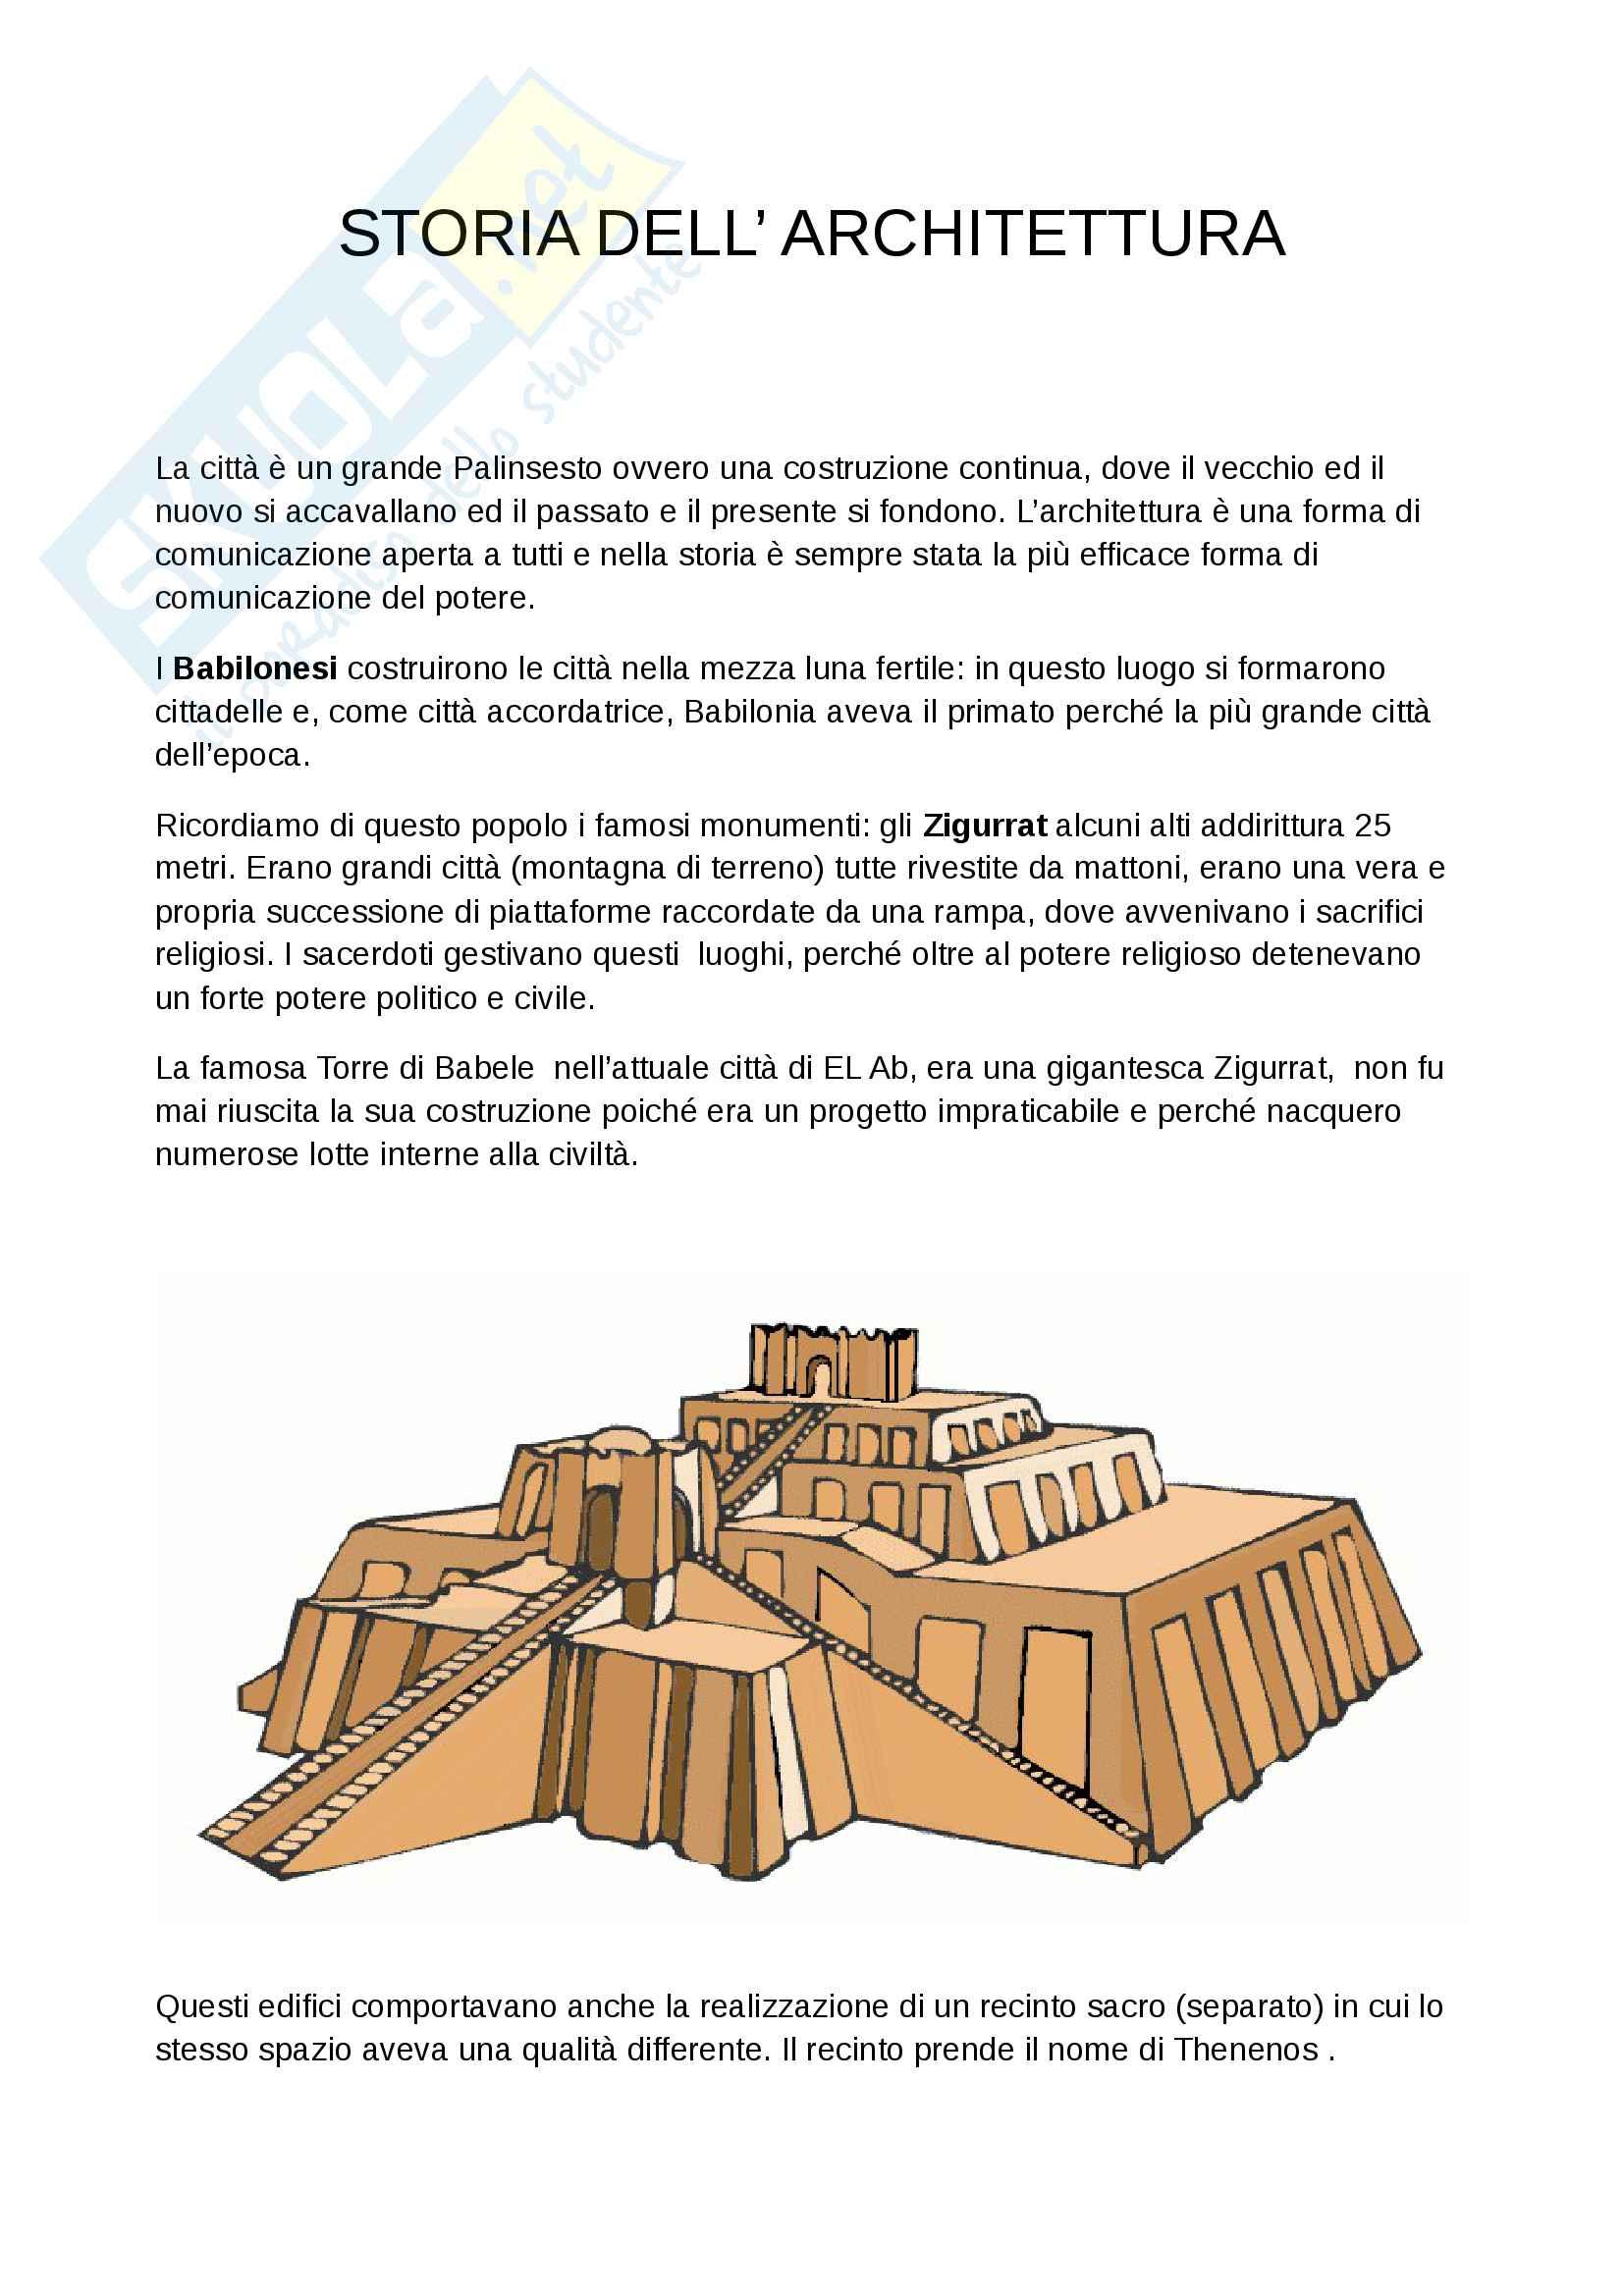 Appunti Storia dell'Architettura - Dai Mesopotamici ai Greci